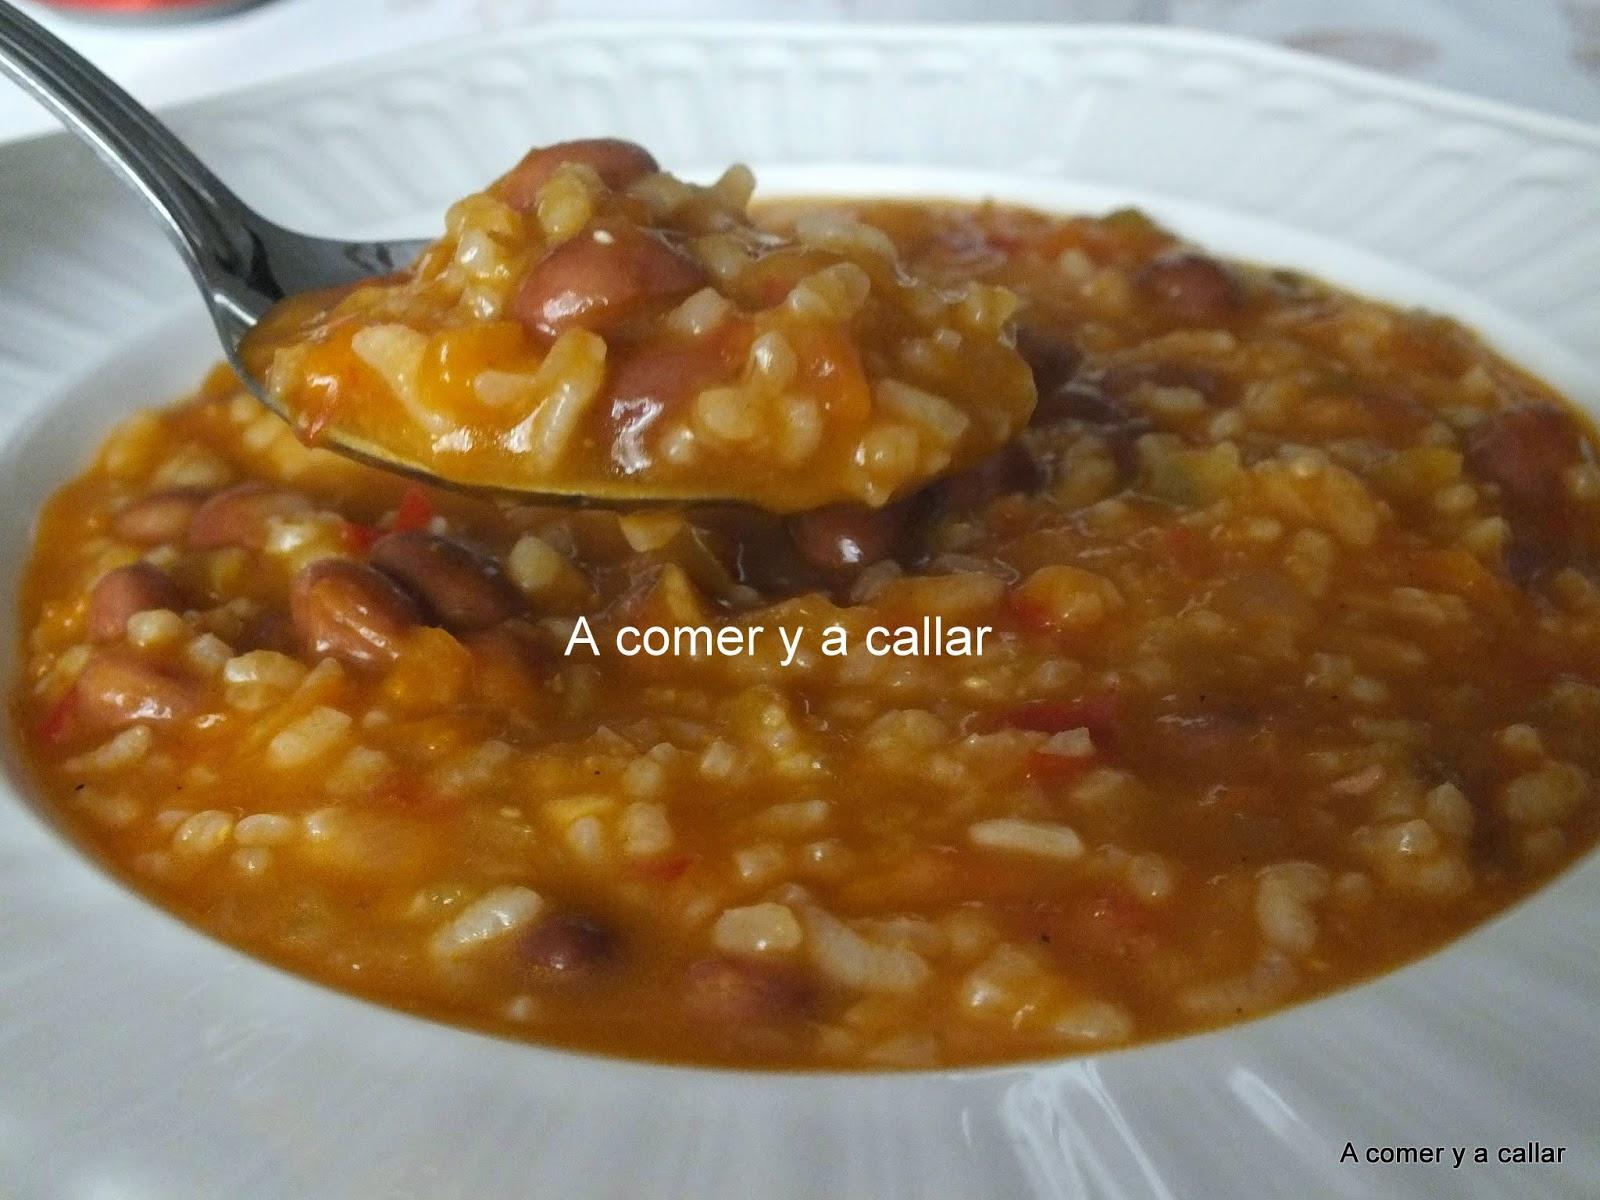 A comer y a callar potaje de judias pintas con arroz - Arroz con judias pintas ...